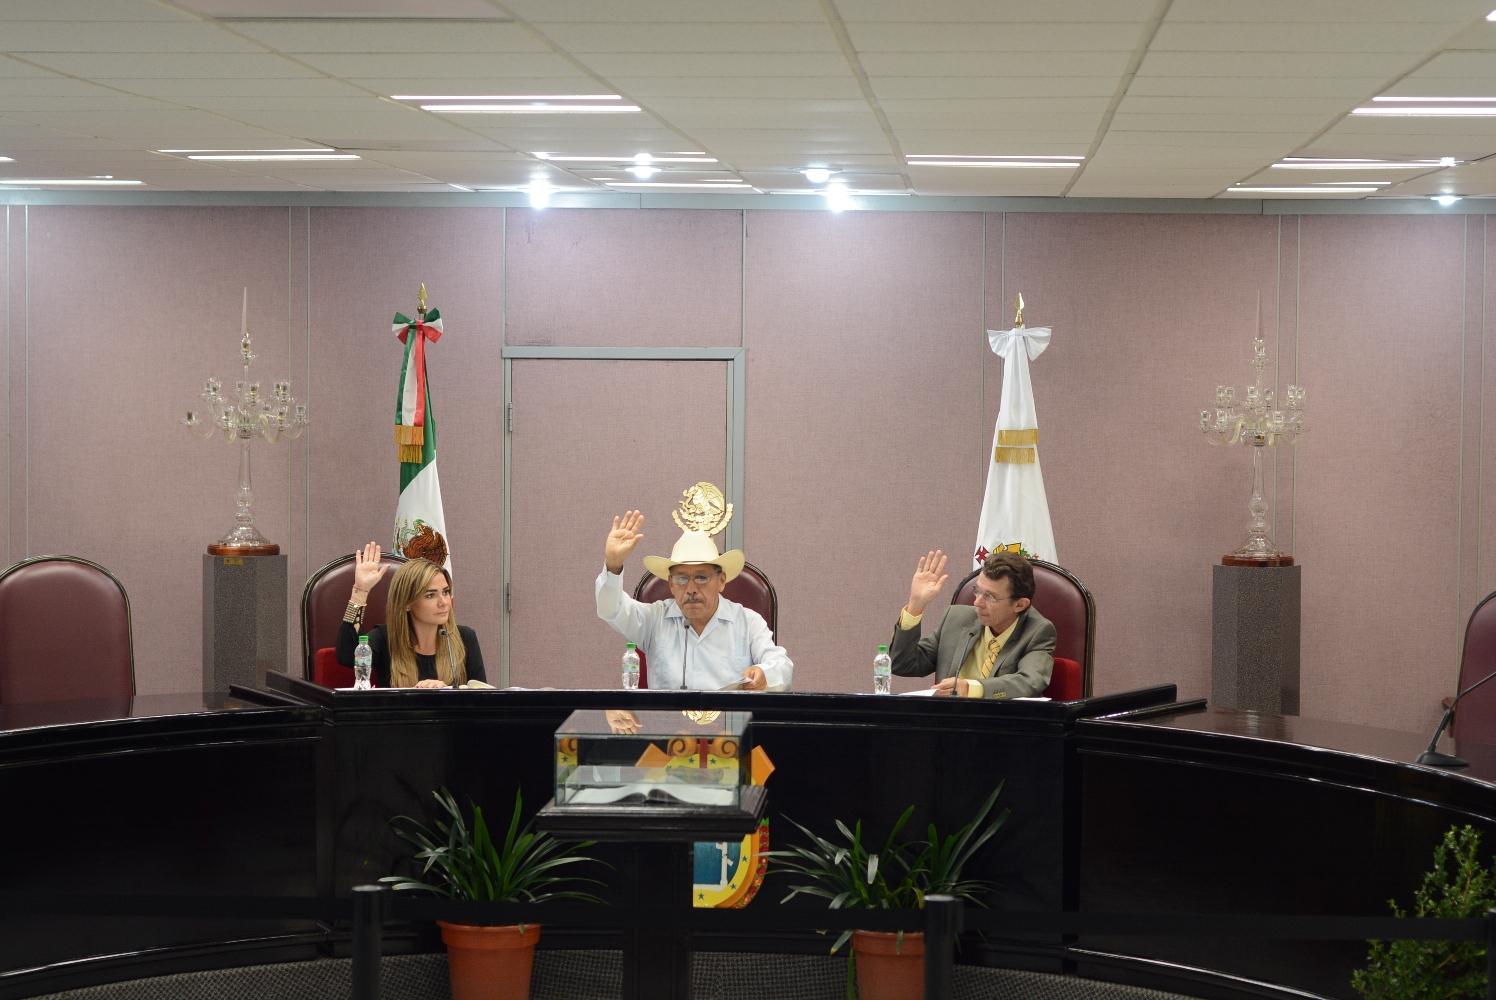 Rechazan diputados creación de dos rancherías en municipio de Atlahuilco